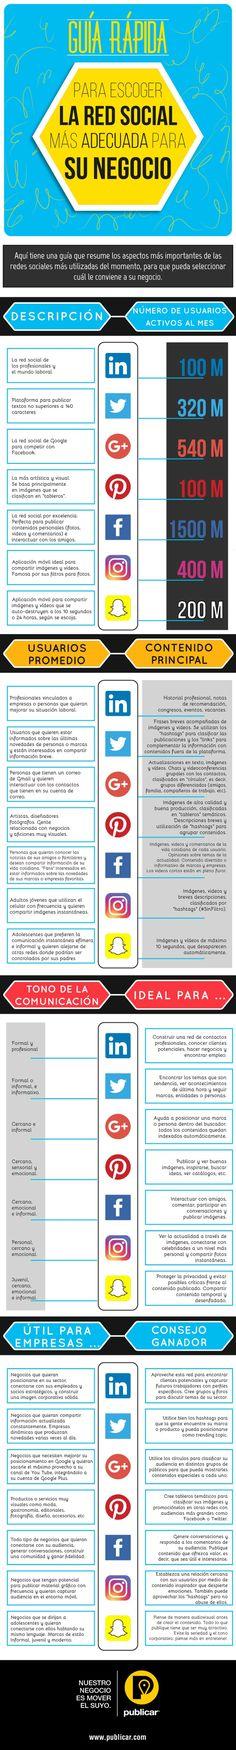 Guía rápida para escoger la red social adecuada para tu negocio. Infografía en español. #CommunityManager